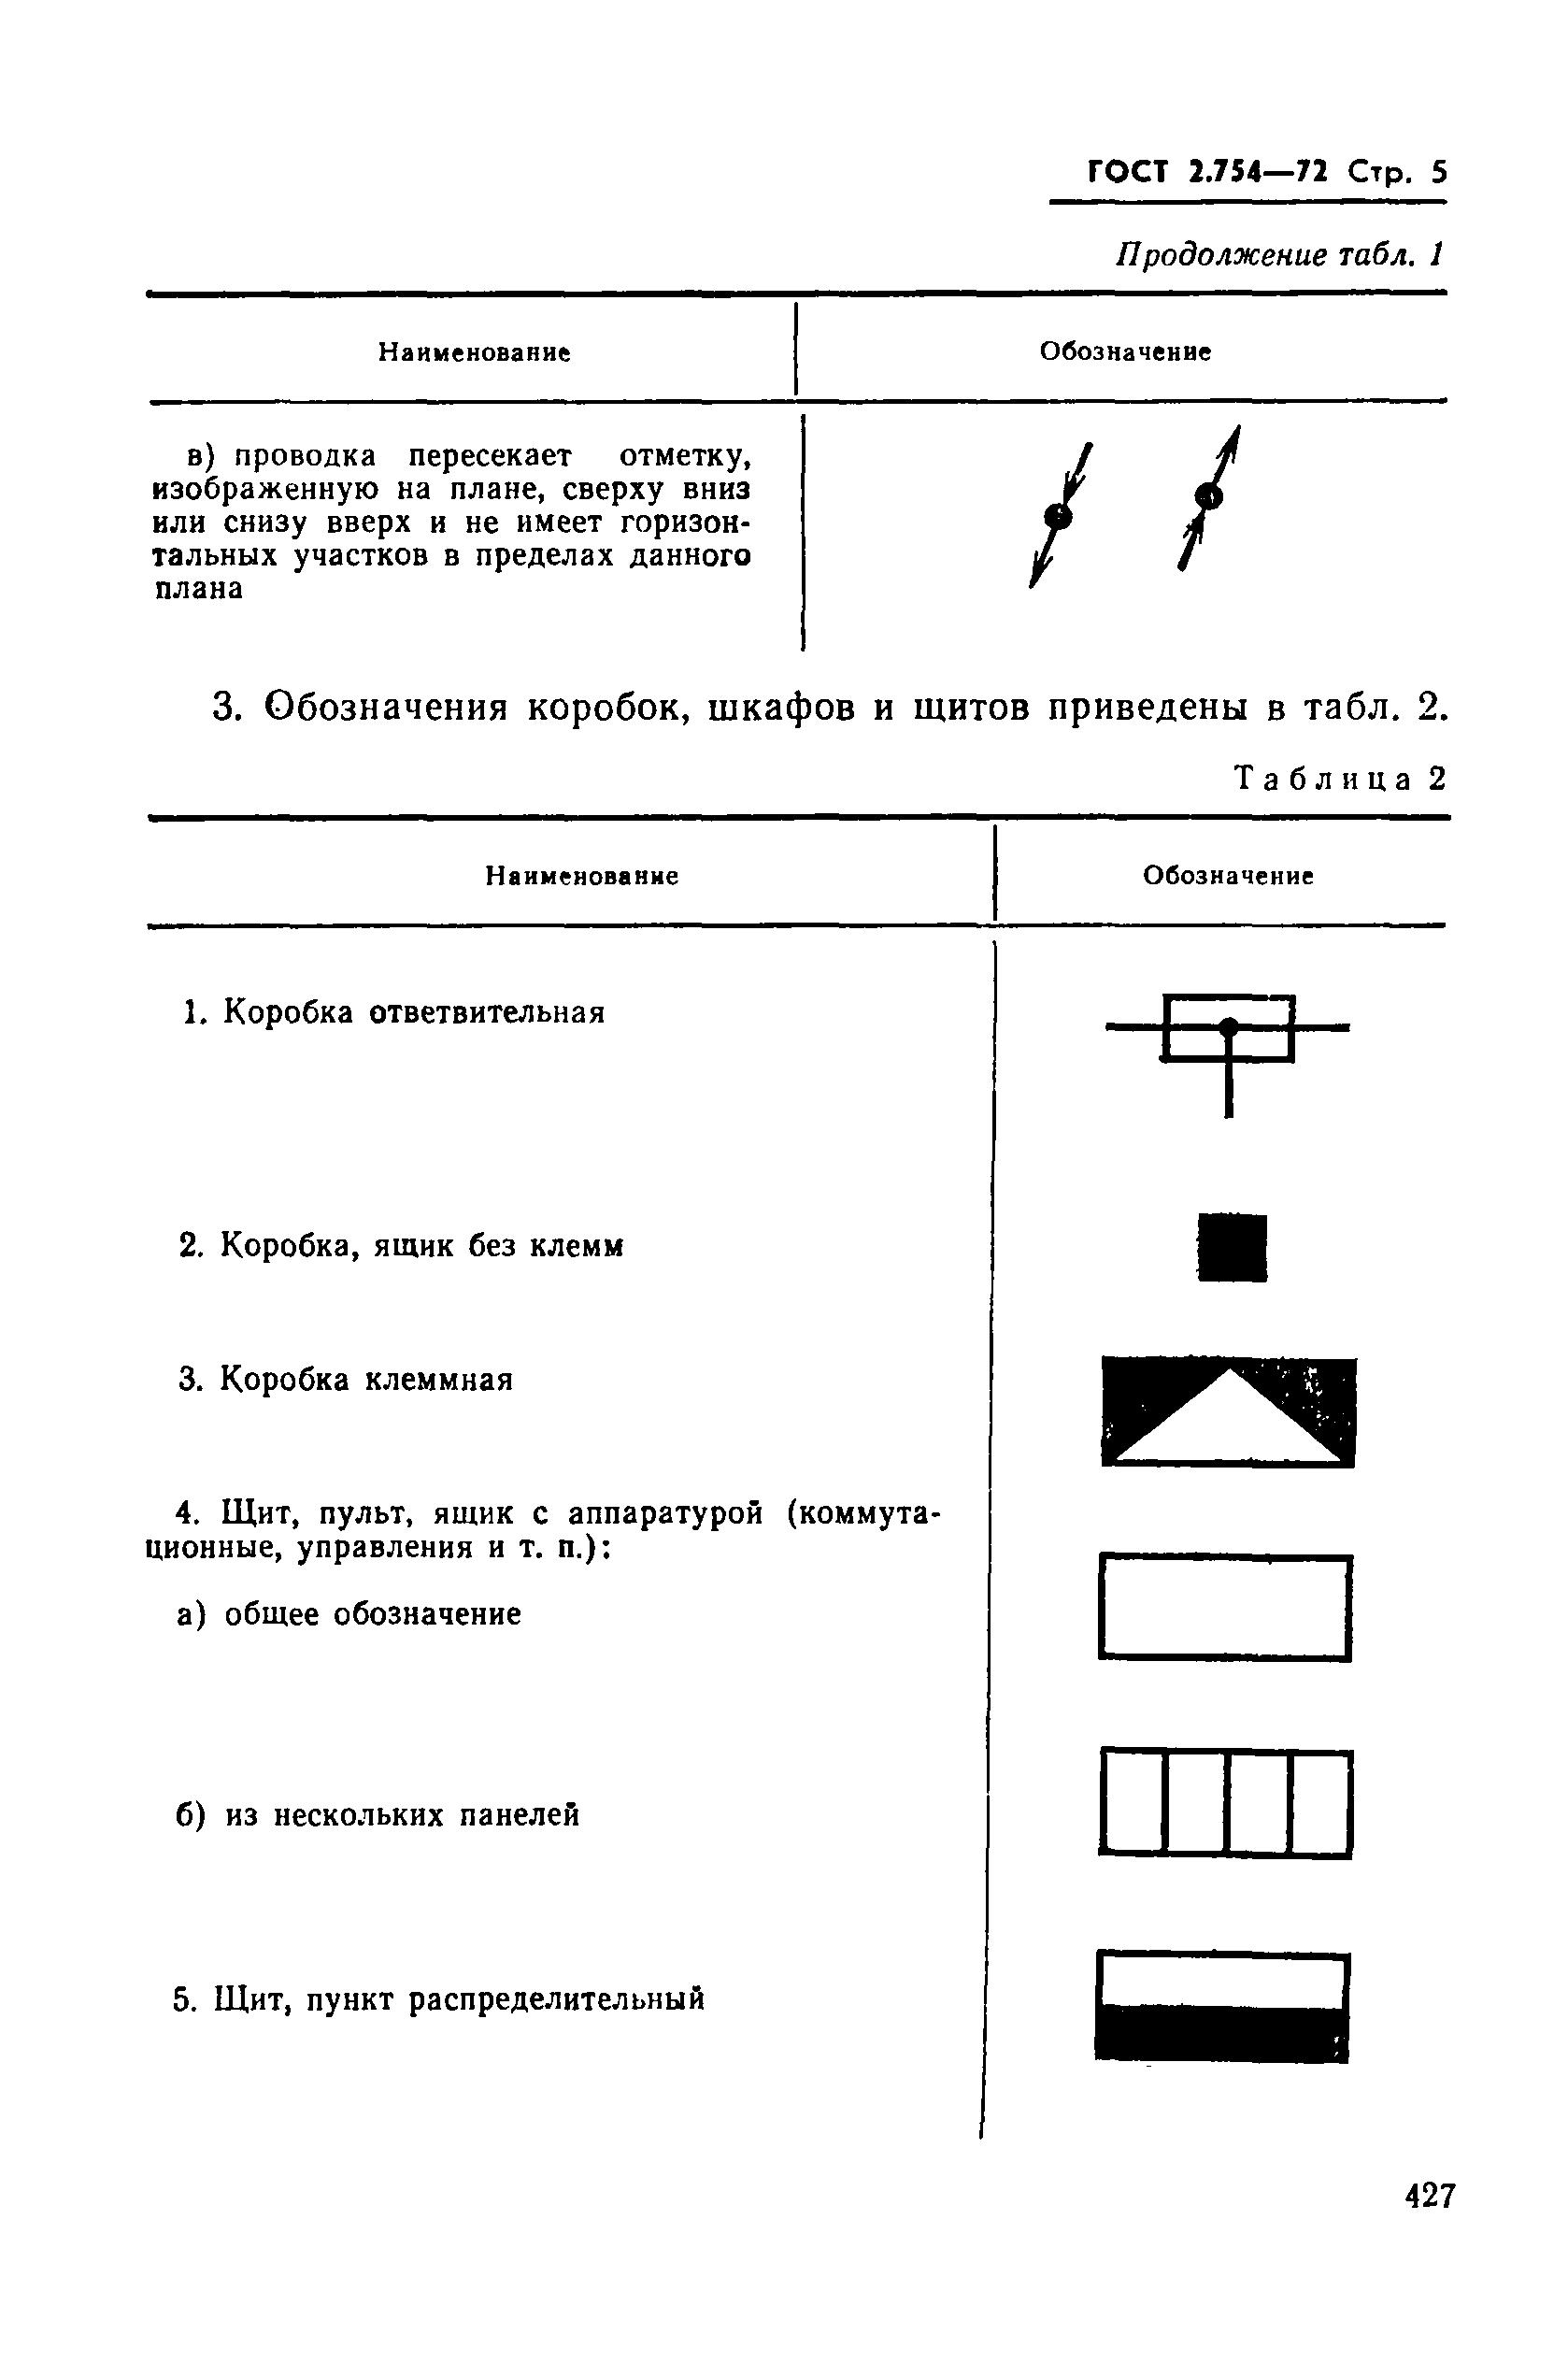 Условные обозначения в электрических схемах гост.